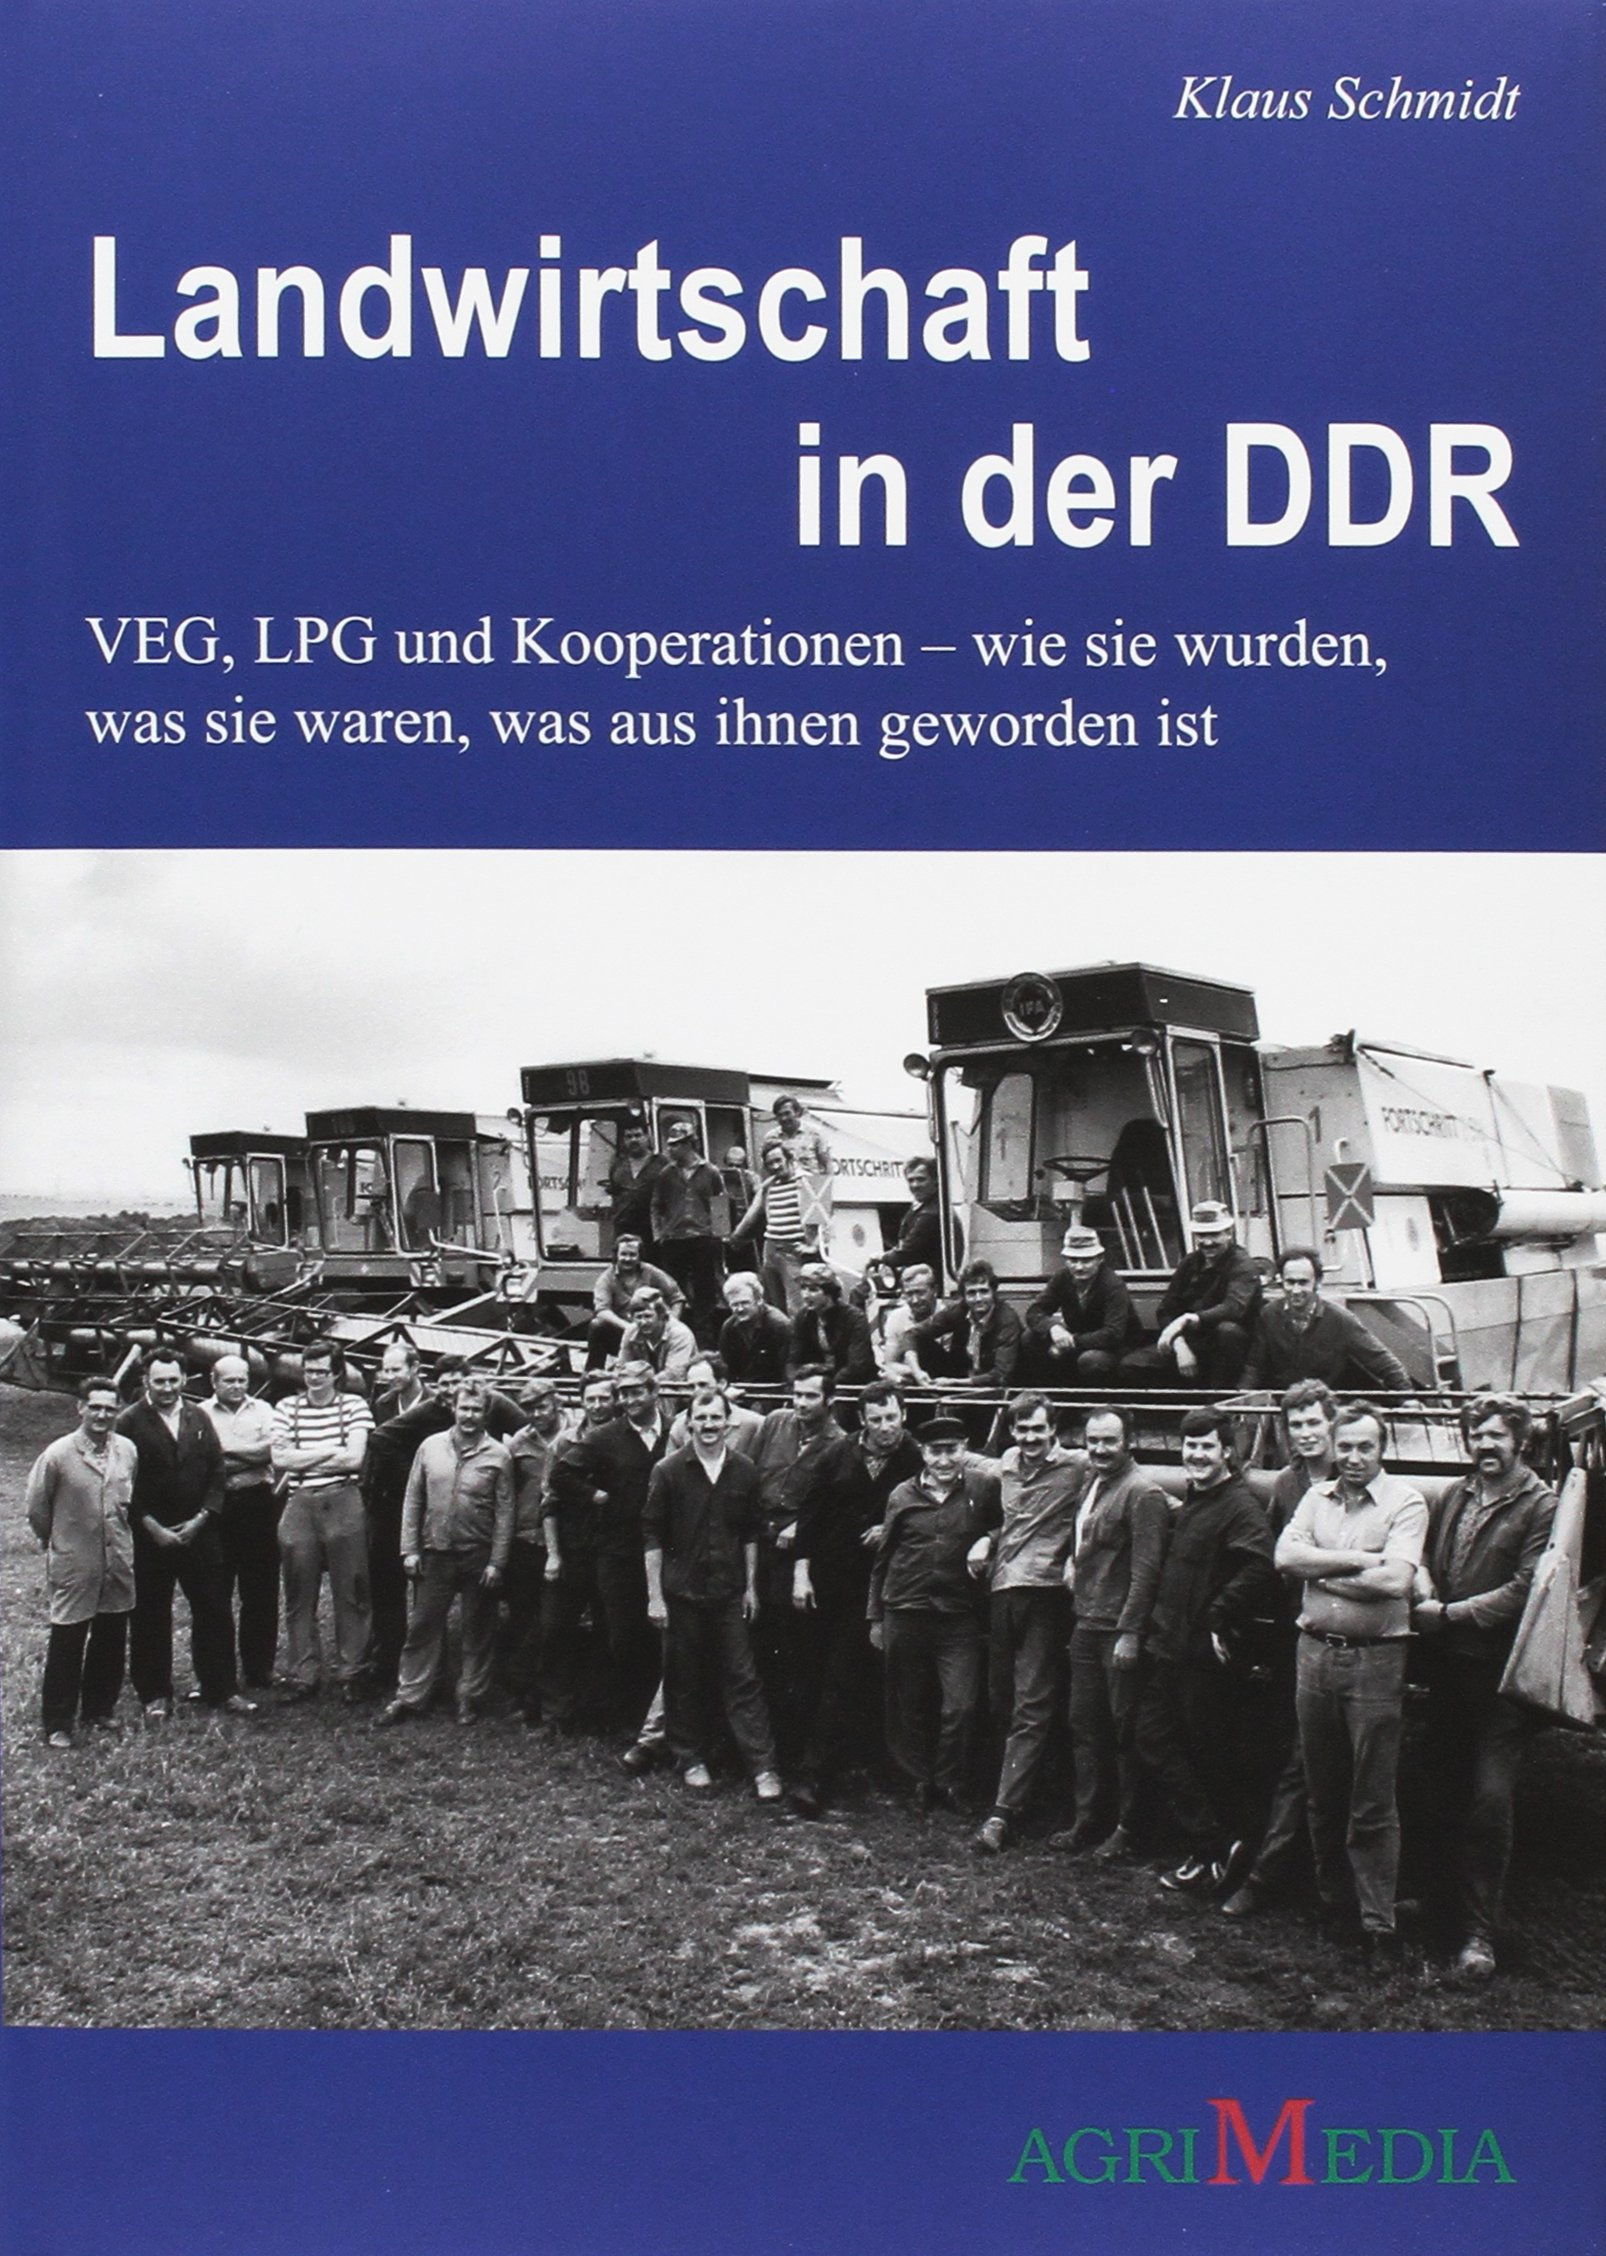 Landwirtschaft in der DDR: VEG, LPG und Kooperation - wie sie wurden, was sie waren, was aus ihnen geworden ist